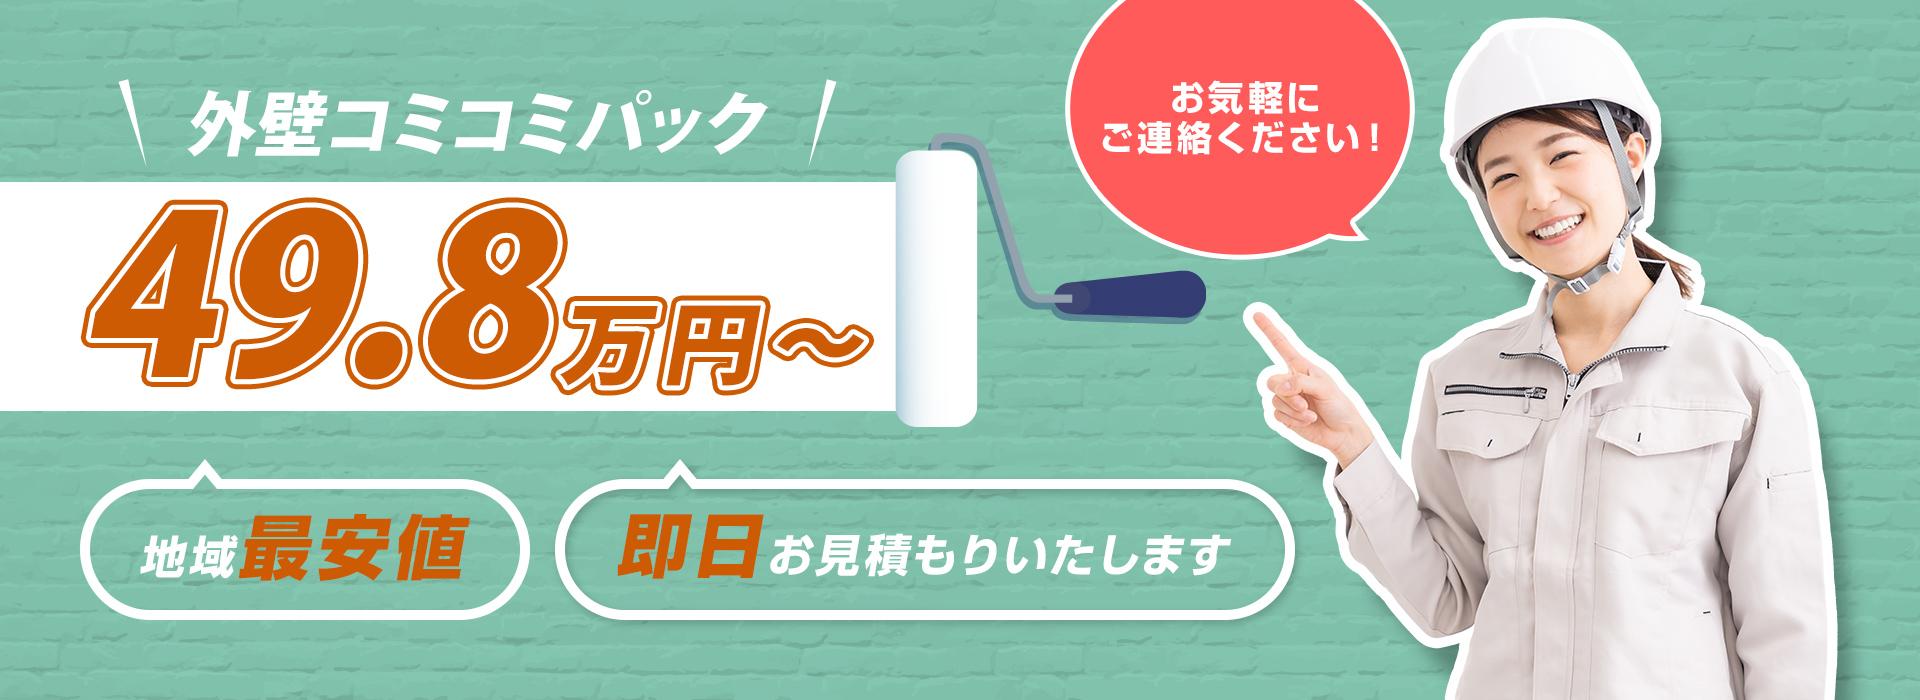 外装塗装パック 高耐久シリコン塗装 工事費保証もコミコミ 49.8万円(税別)